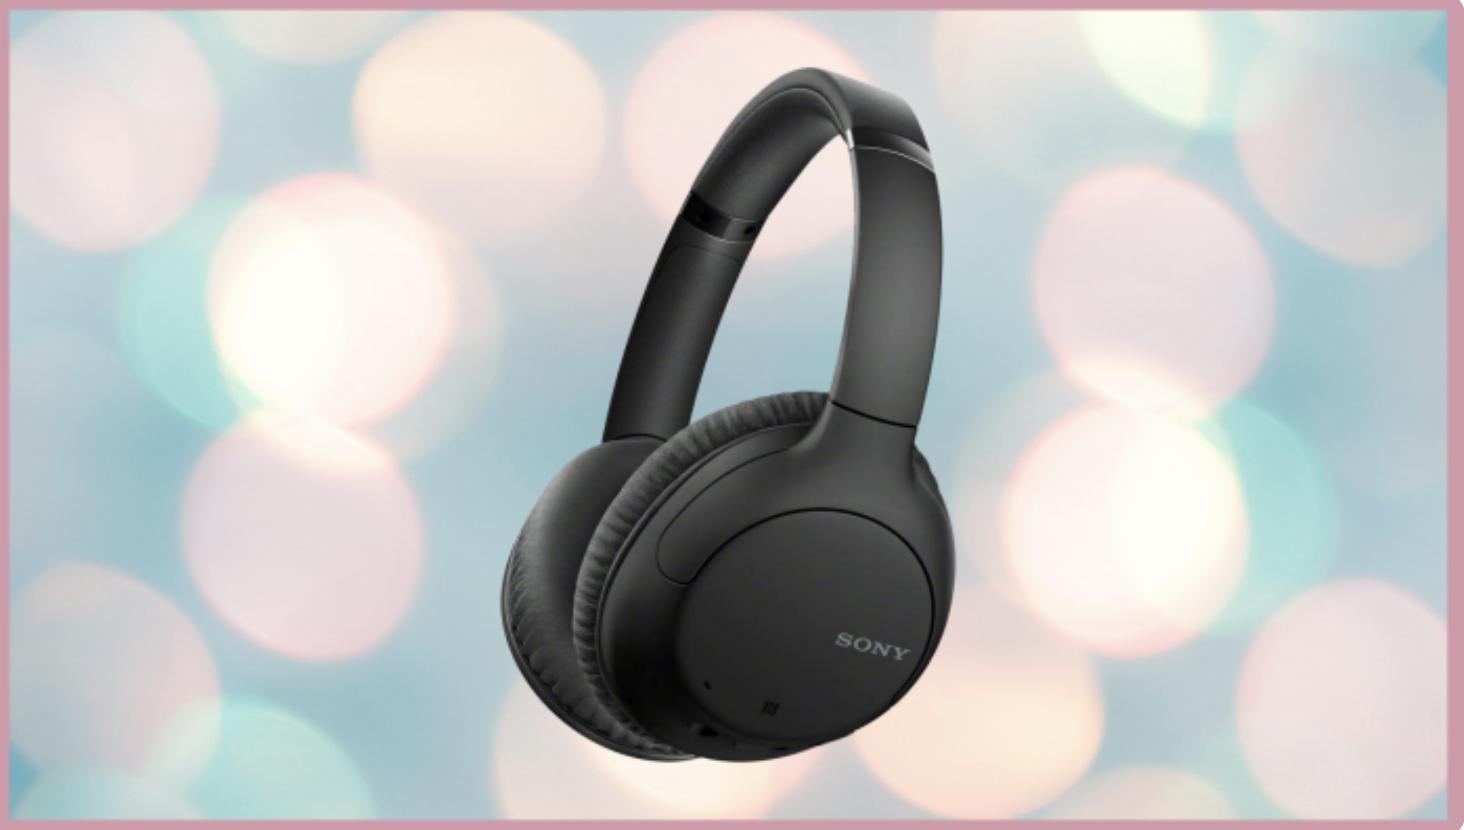 Audífonos inalámbricos 'top' a unos precios en el Prime Day difíciles de encontrar